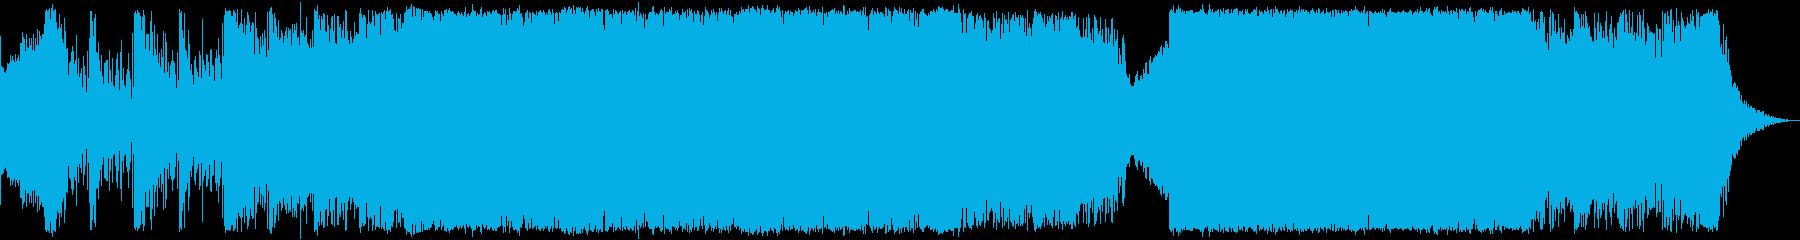 緊迫感/エピック/テクスチャーの再生済みの波形